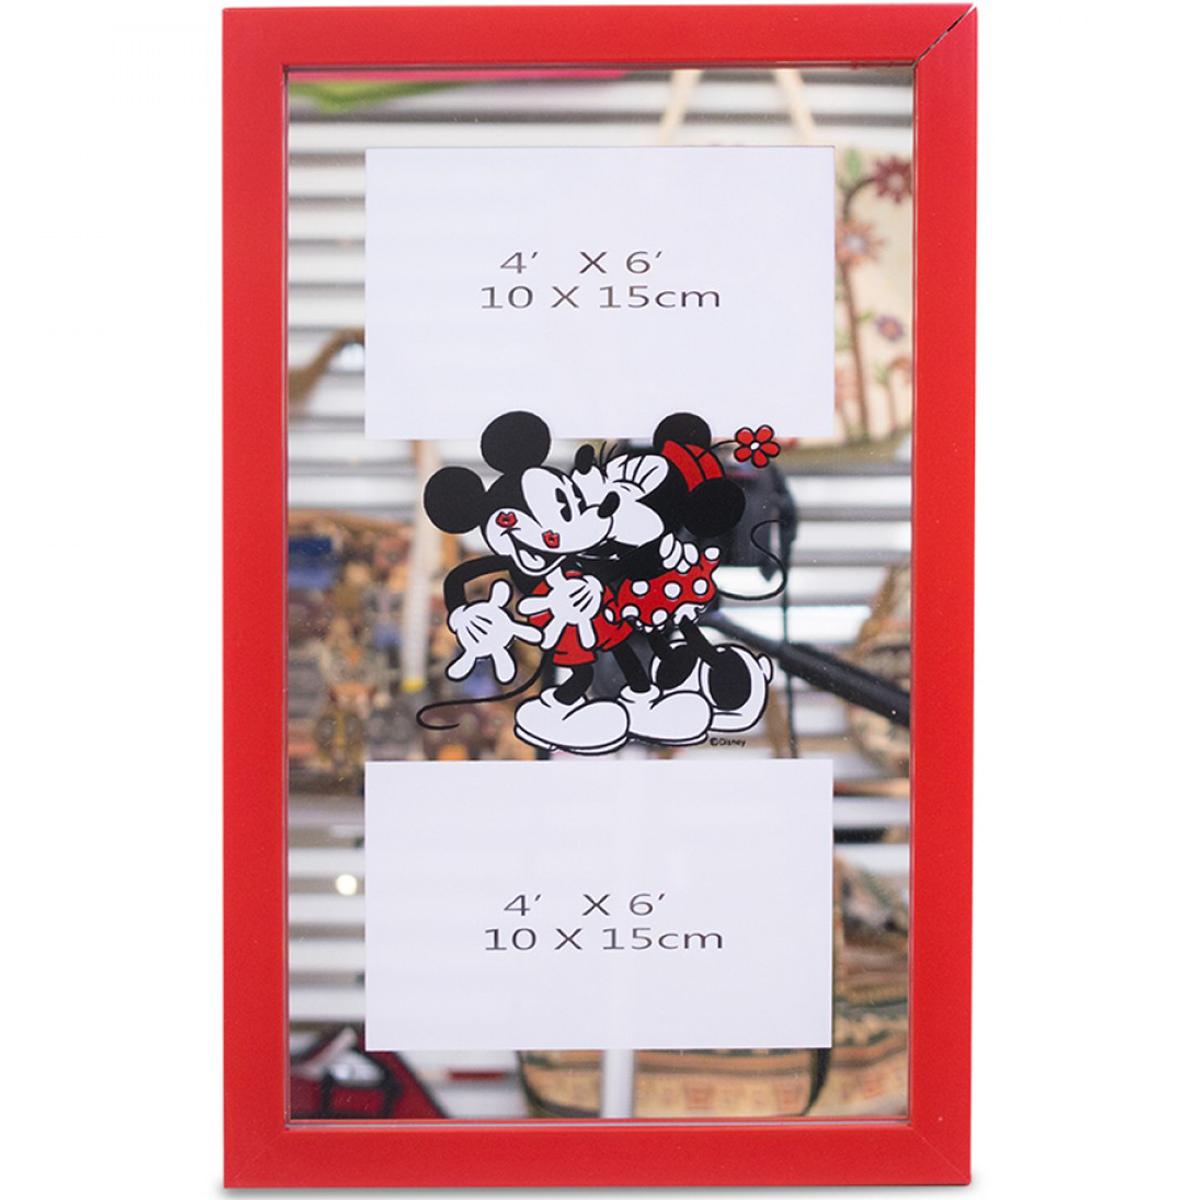 Porta Retrato Espelho Moldura Vermelha Para 2 Fotos 10X15cm Mickey & Minnie - Disney